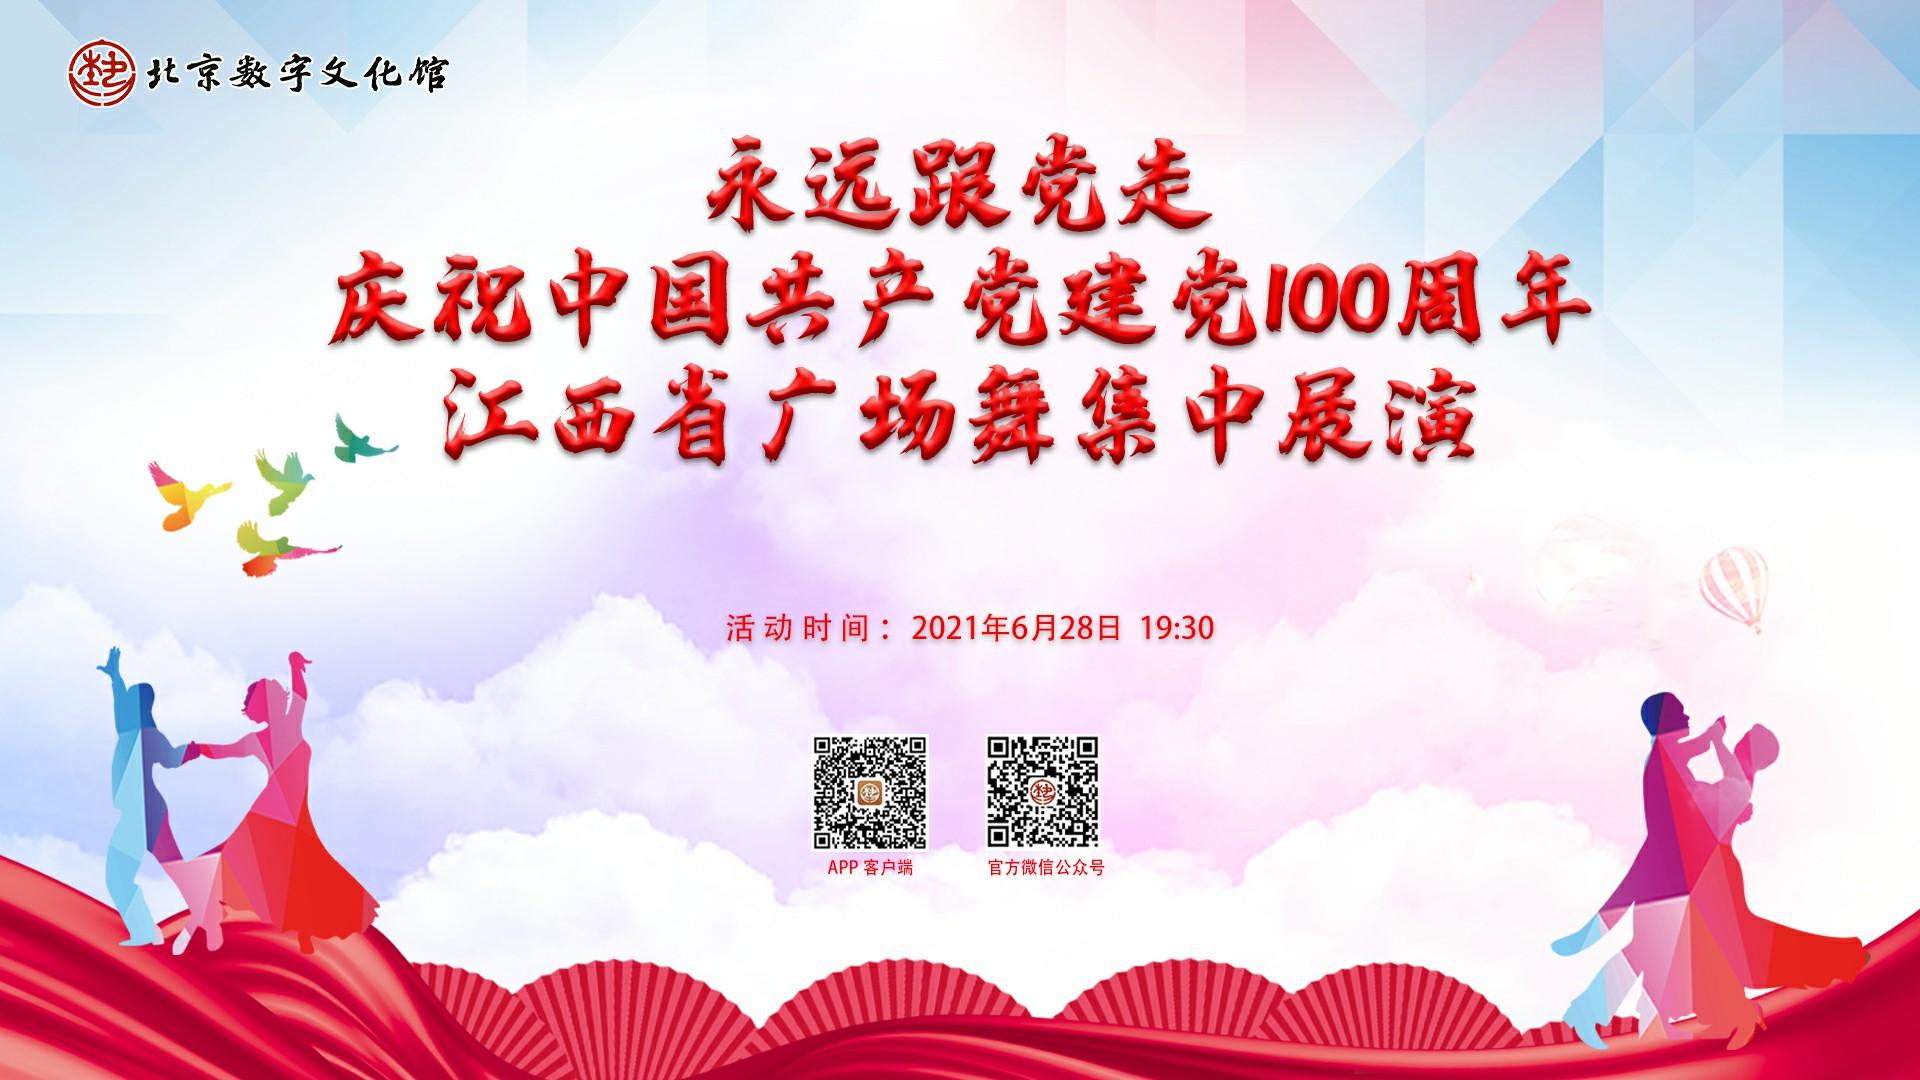 """""""永远跟党走"""" ——江西省庆祝建党 100 周年广场舞集中展演活动"""